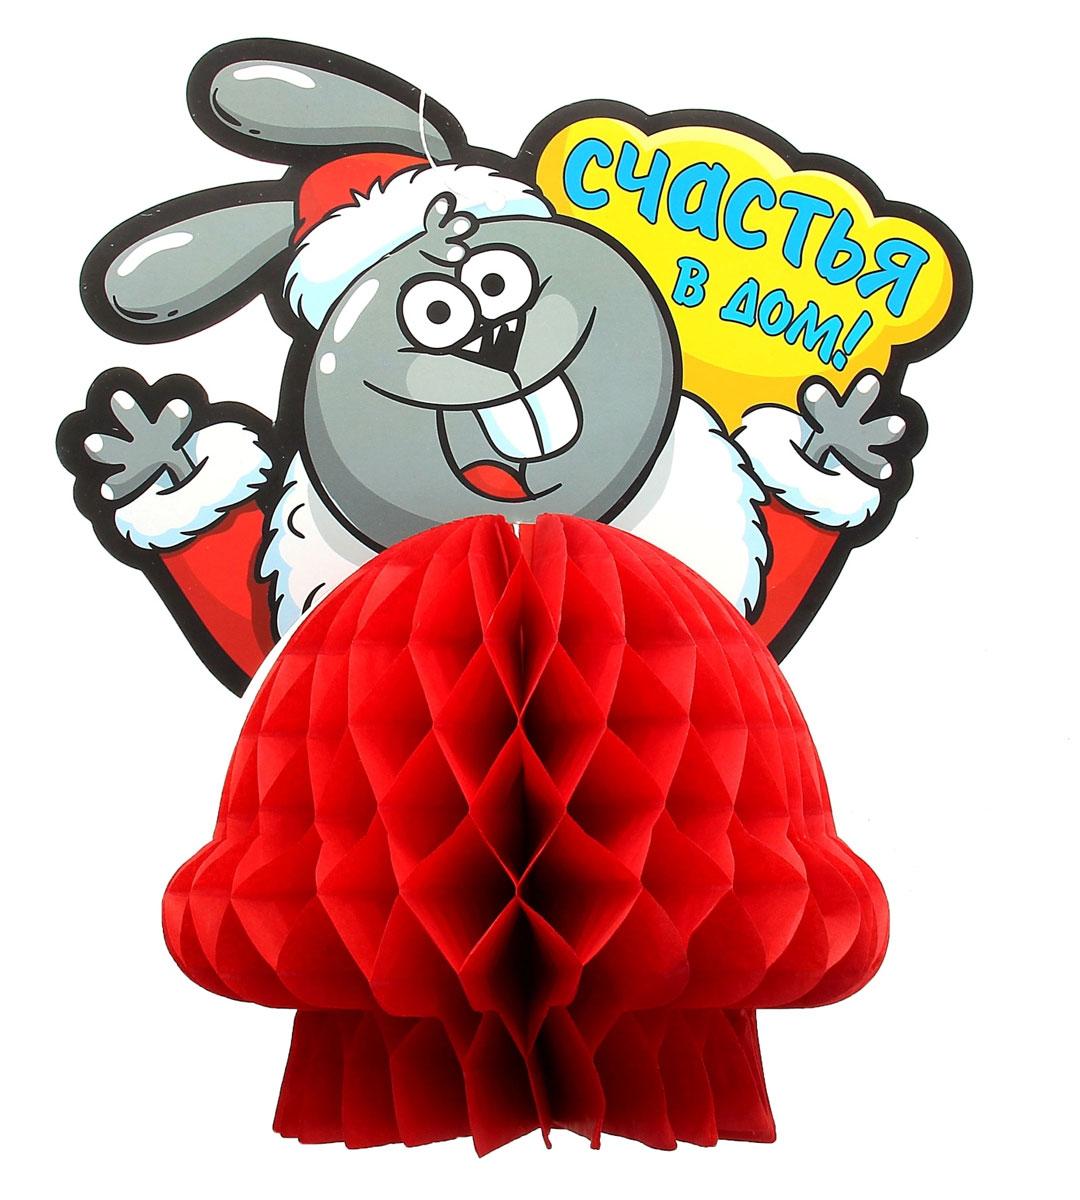 Новогоднее подвесное украшение Sima-land Счастья в дом!, с гофрированной фигуркой, 23,5 х 30,5 х 18 см39190Новогоднее украшение Sima-land Счастья в дом! отлично подойдет для декорации вашего дома. Изделие выполнено из плотной бумаги и оснащено объемной фигуркой из гофрированной бумаги. С помощью специальной петельки украшение можно повесить в любом понравившемся вам месте. Новогодние украшения несут в себе волшебство и красоту праздника. Они помогут вам украсить дом к предстоящим праздникам и оживить интерьер по вашему вкусу. Создайте в доме атмосферу тепла, веселья и радости, украшая его всей семьей.